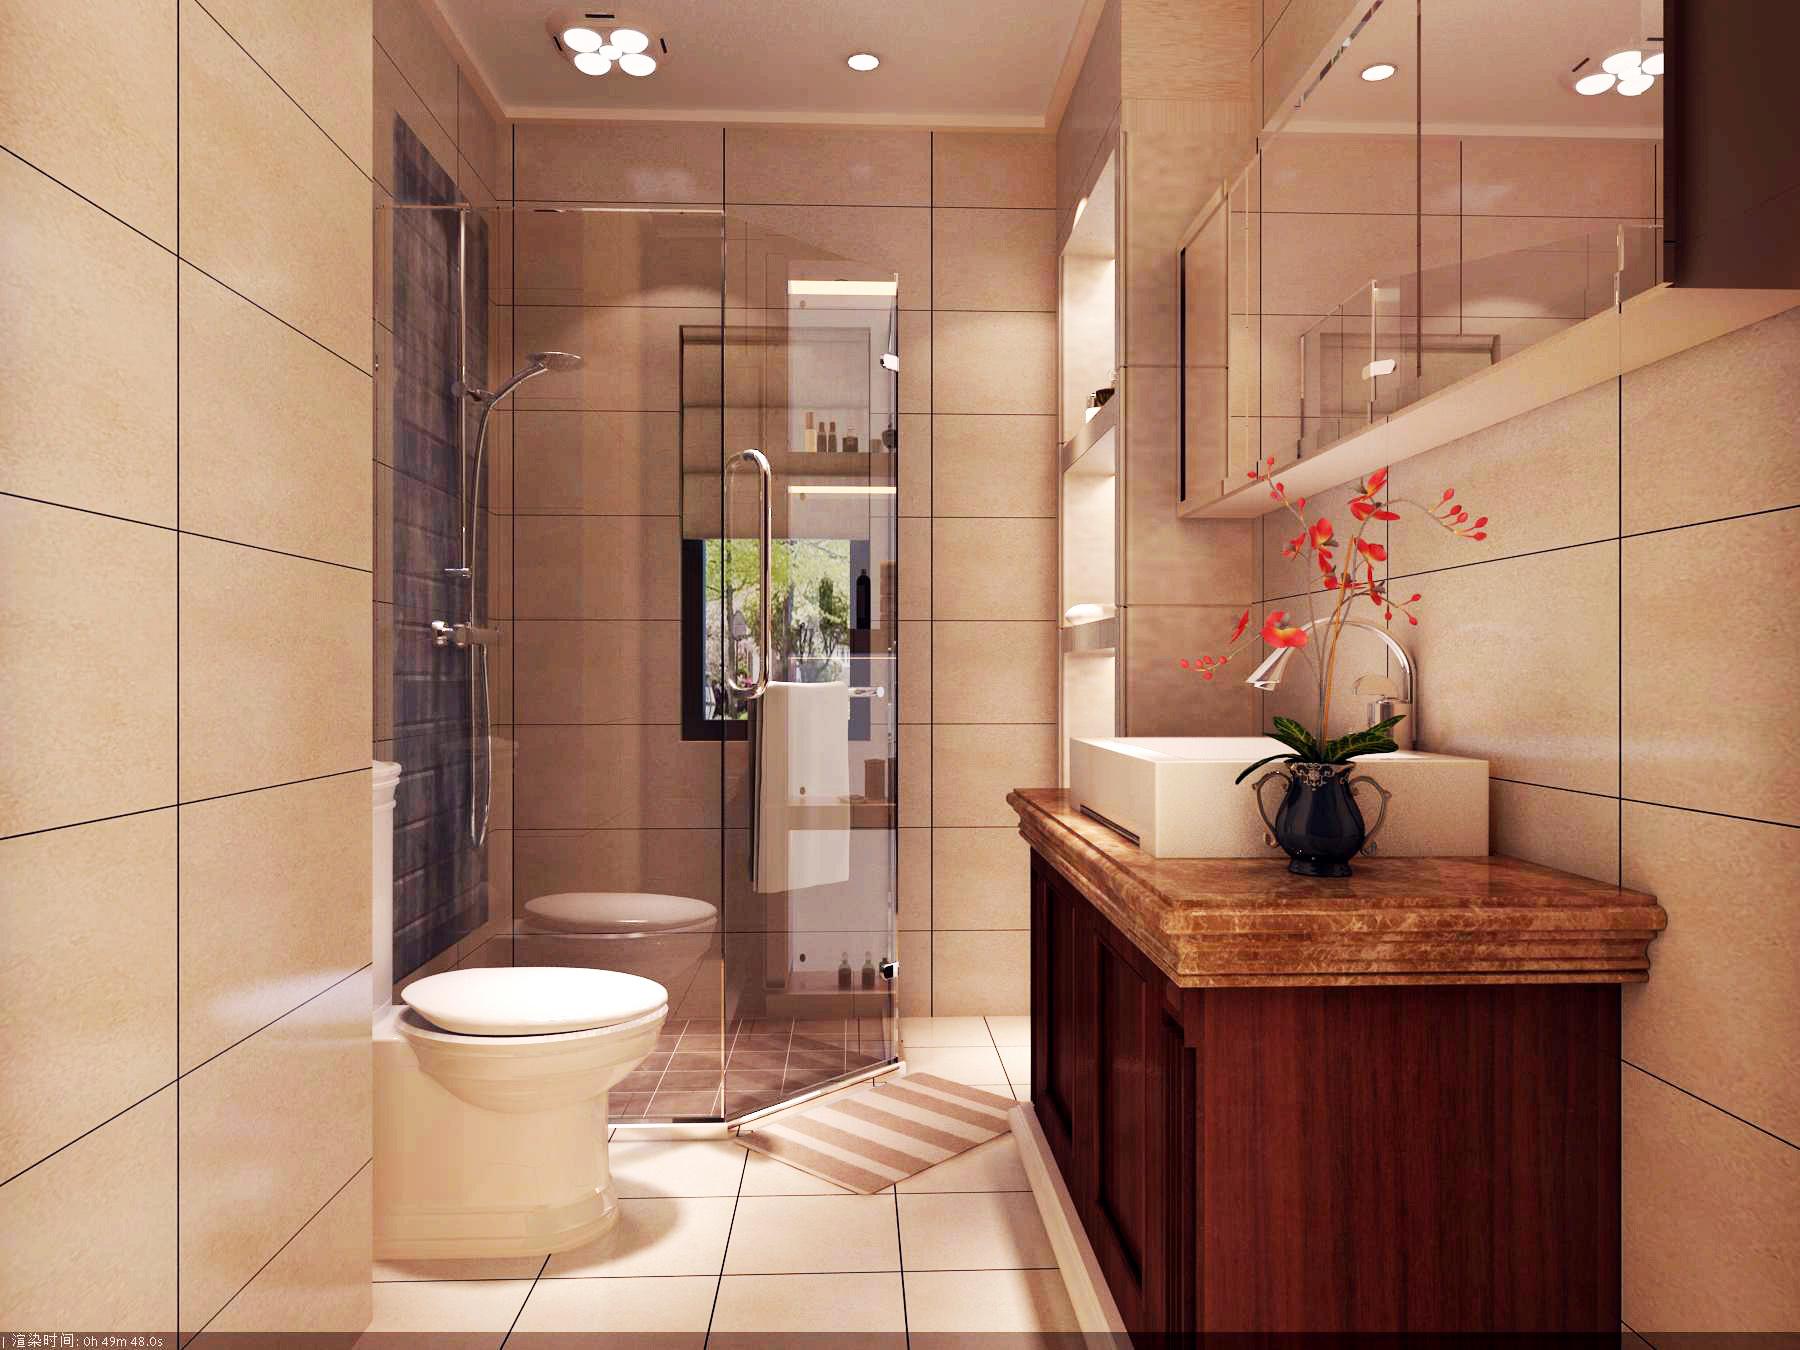 中式 四居 卫生间图片来自北京今朝装饰刘在V7西园中式文化生活的分享